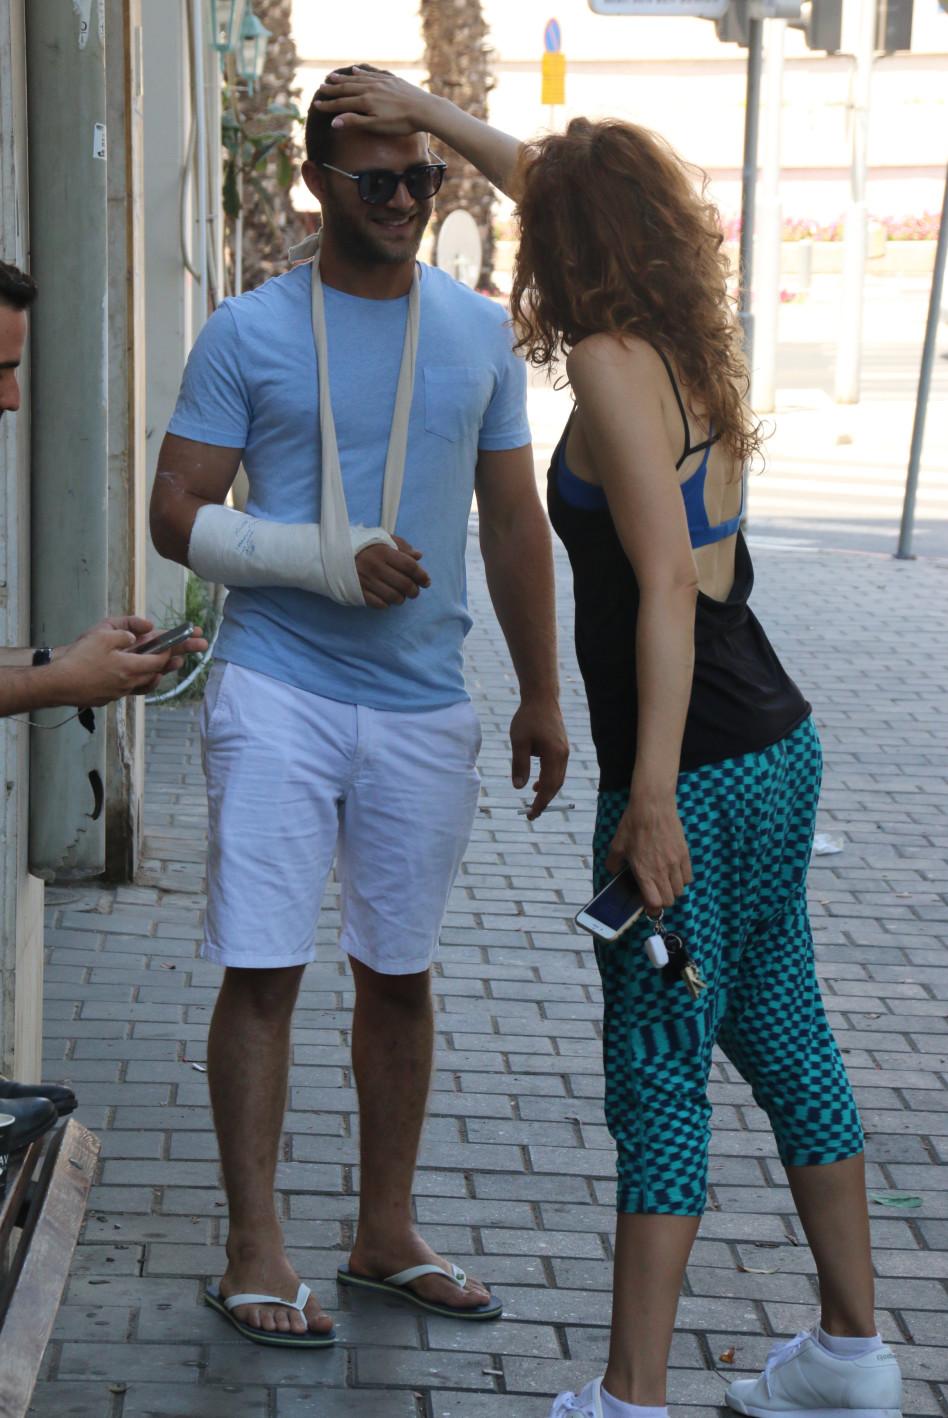 מסכן, לסדר את הפריזורה ברחוב גם קשה לו...אביאל כהן (צילום: ניר פקין)